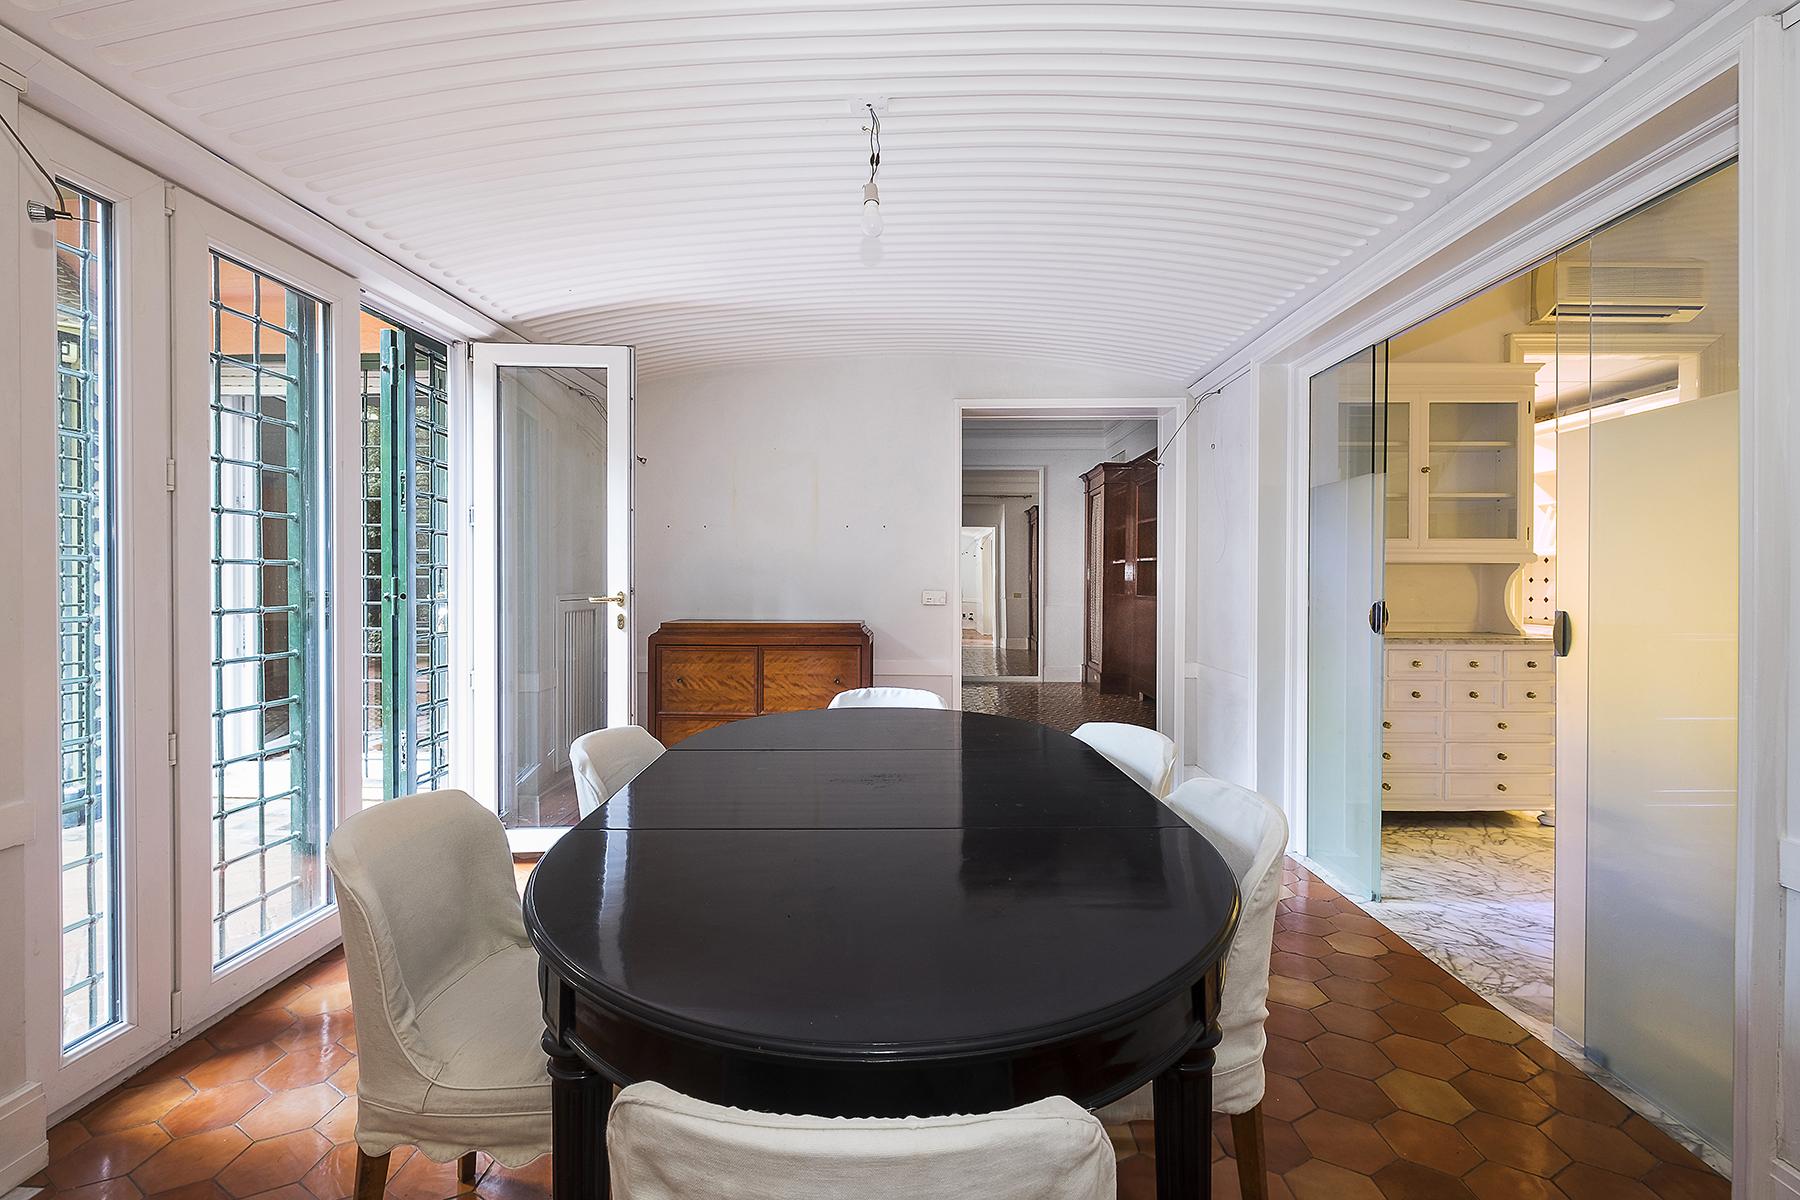 Appartamento di lusso in affitto a roma via aventina for Affitto studio medico roma eur